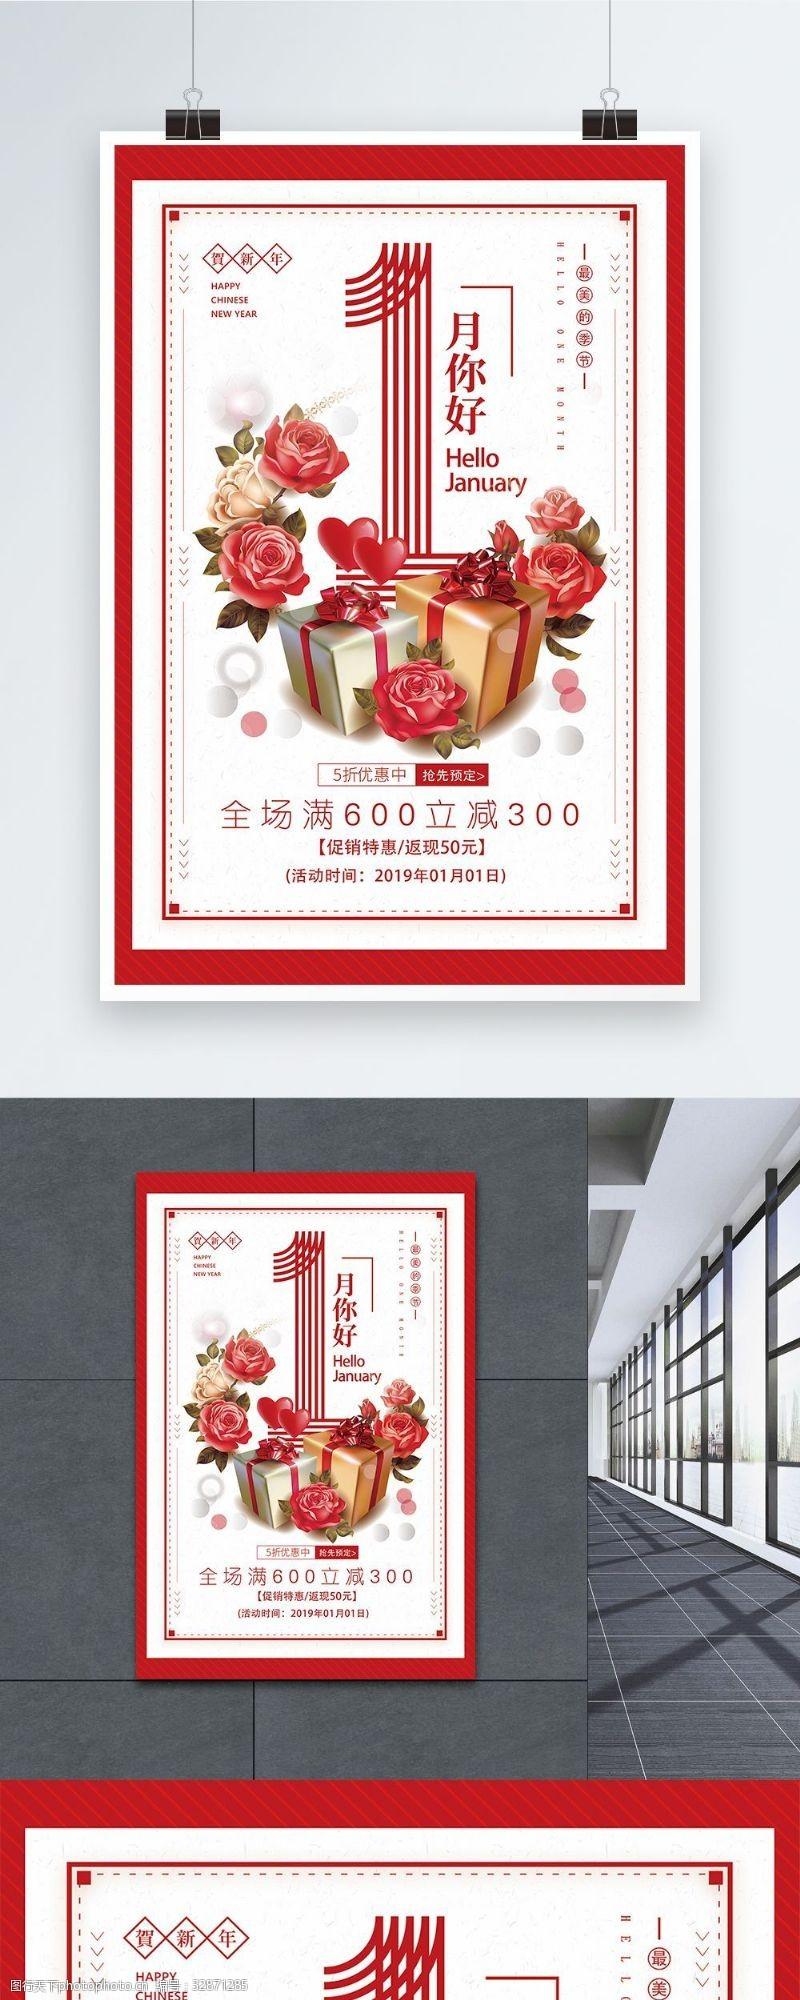 一月你好紅色喜慶新年促銷海報